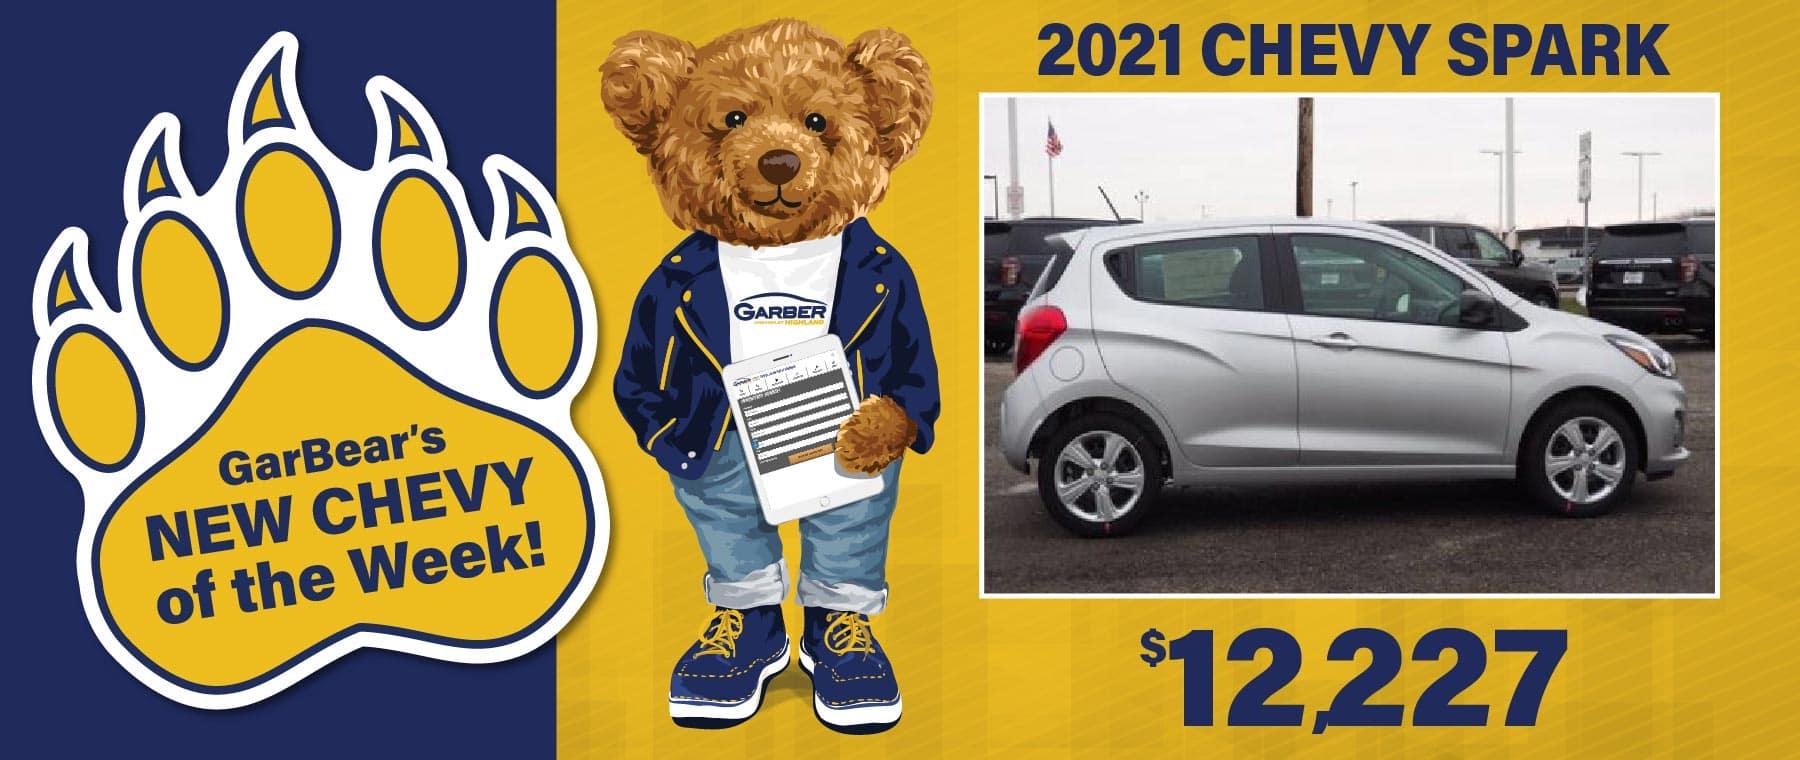 2021 Chevy Spark $12227